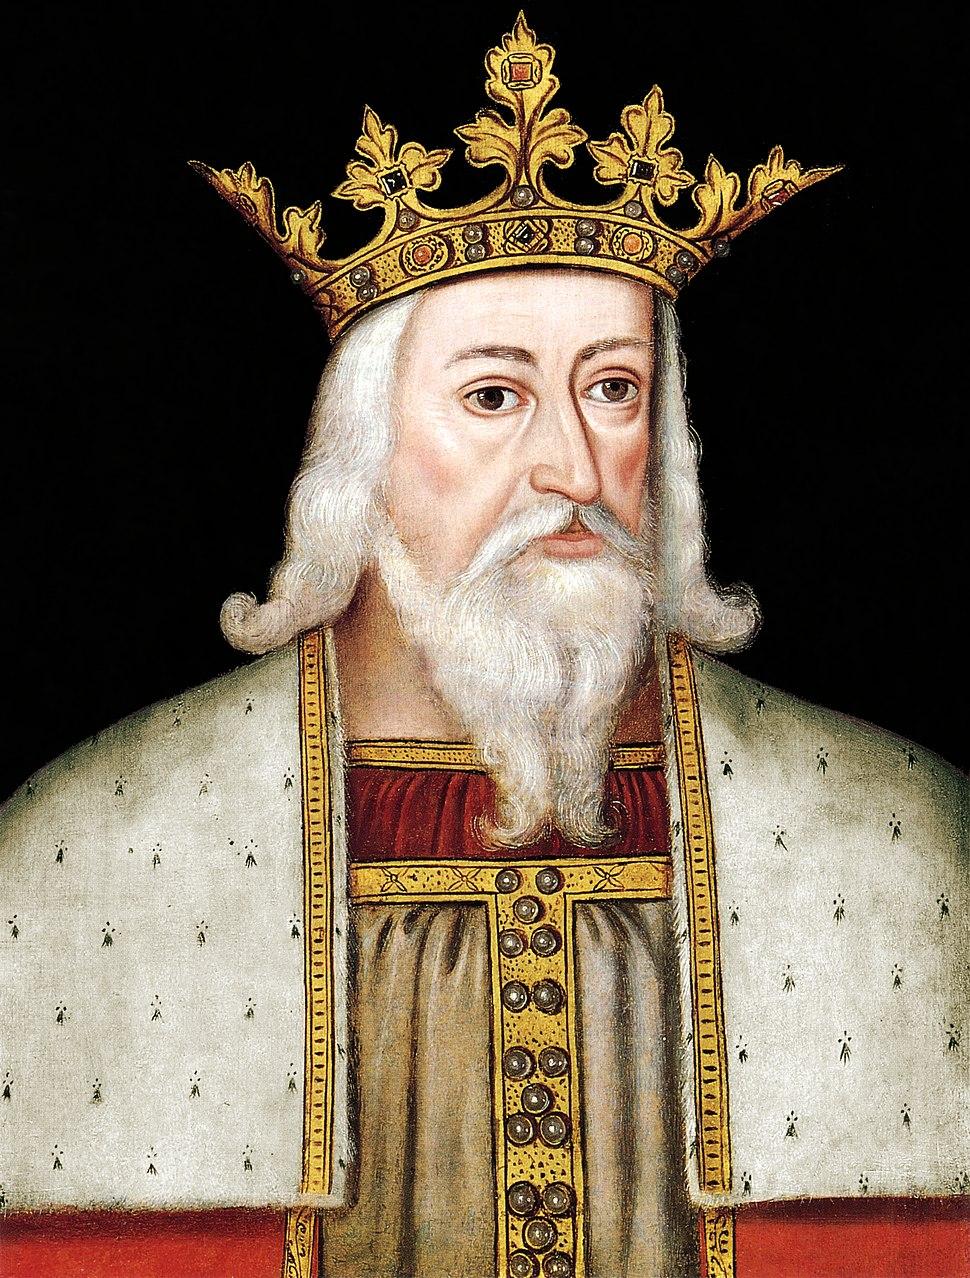 King Edward III (retouched)